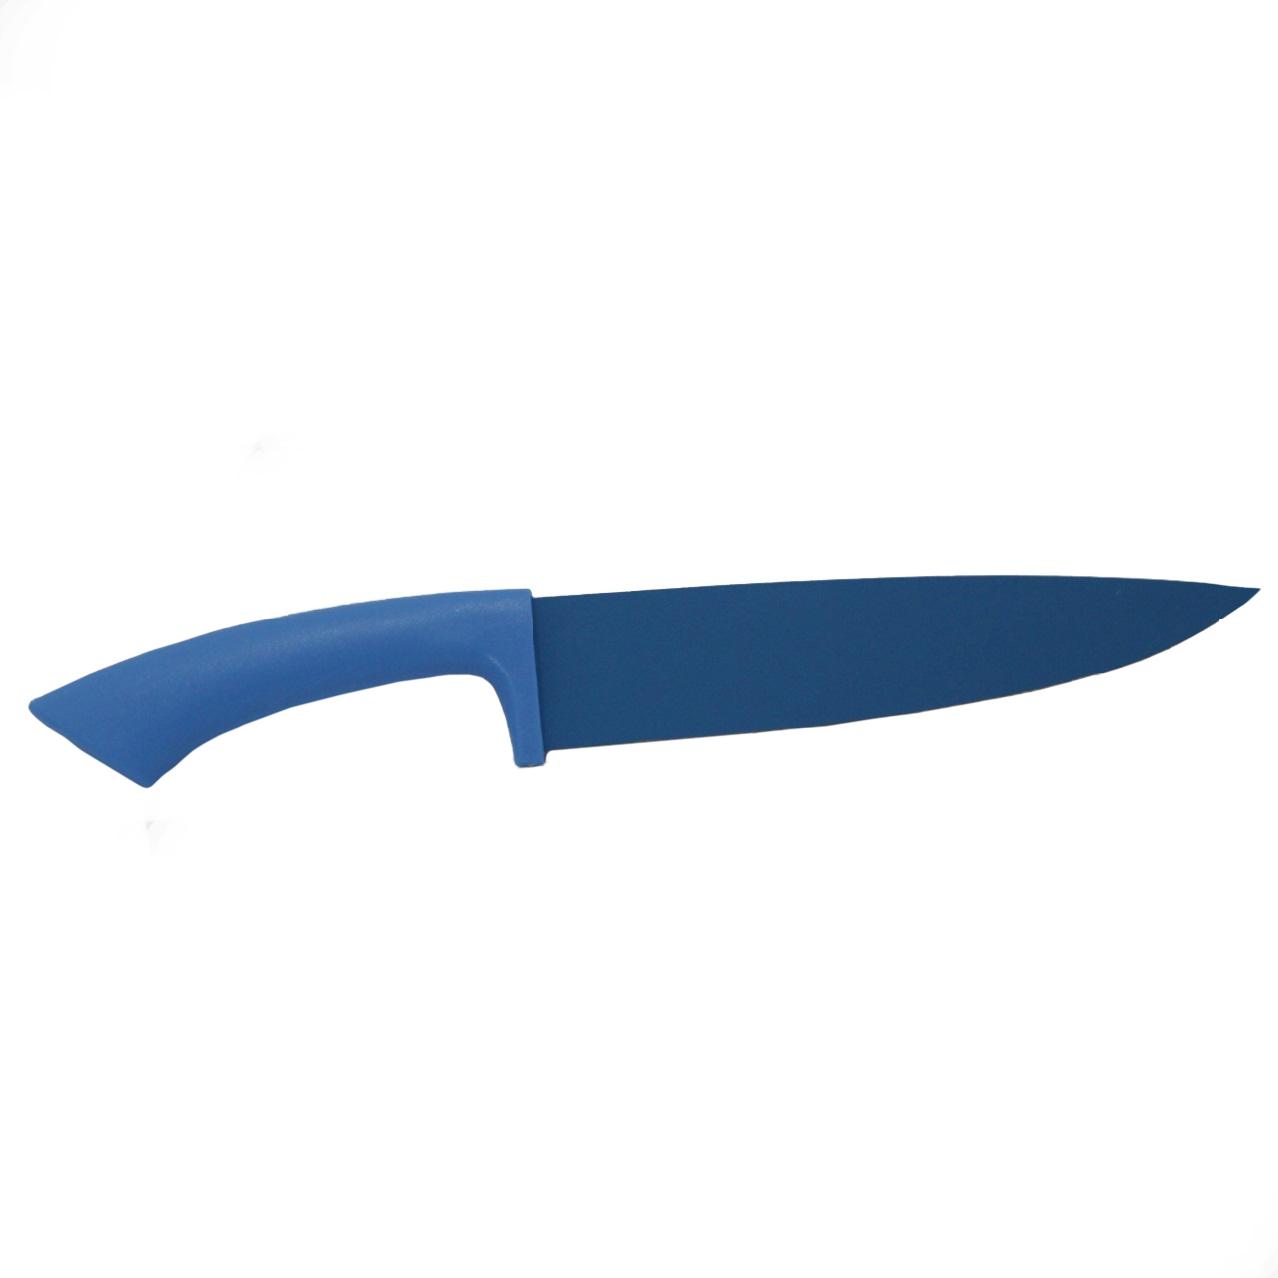 Faca do Chefe 8 em Inox Antiaderente Azul Dynasty